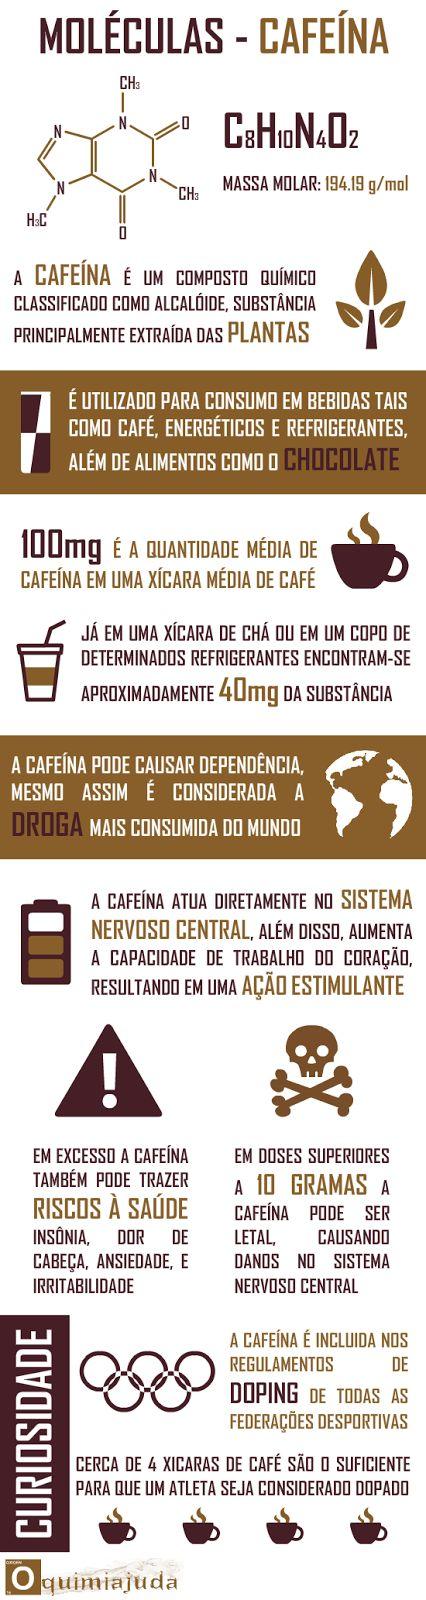 OQUIMIAJUDA: Moléculas - Cafeína